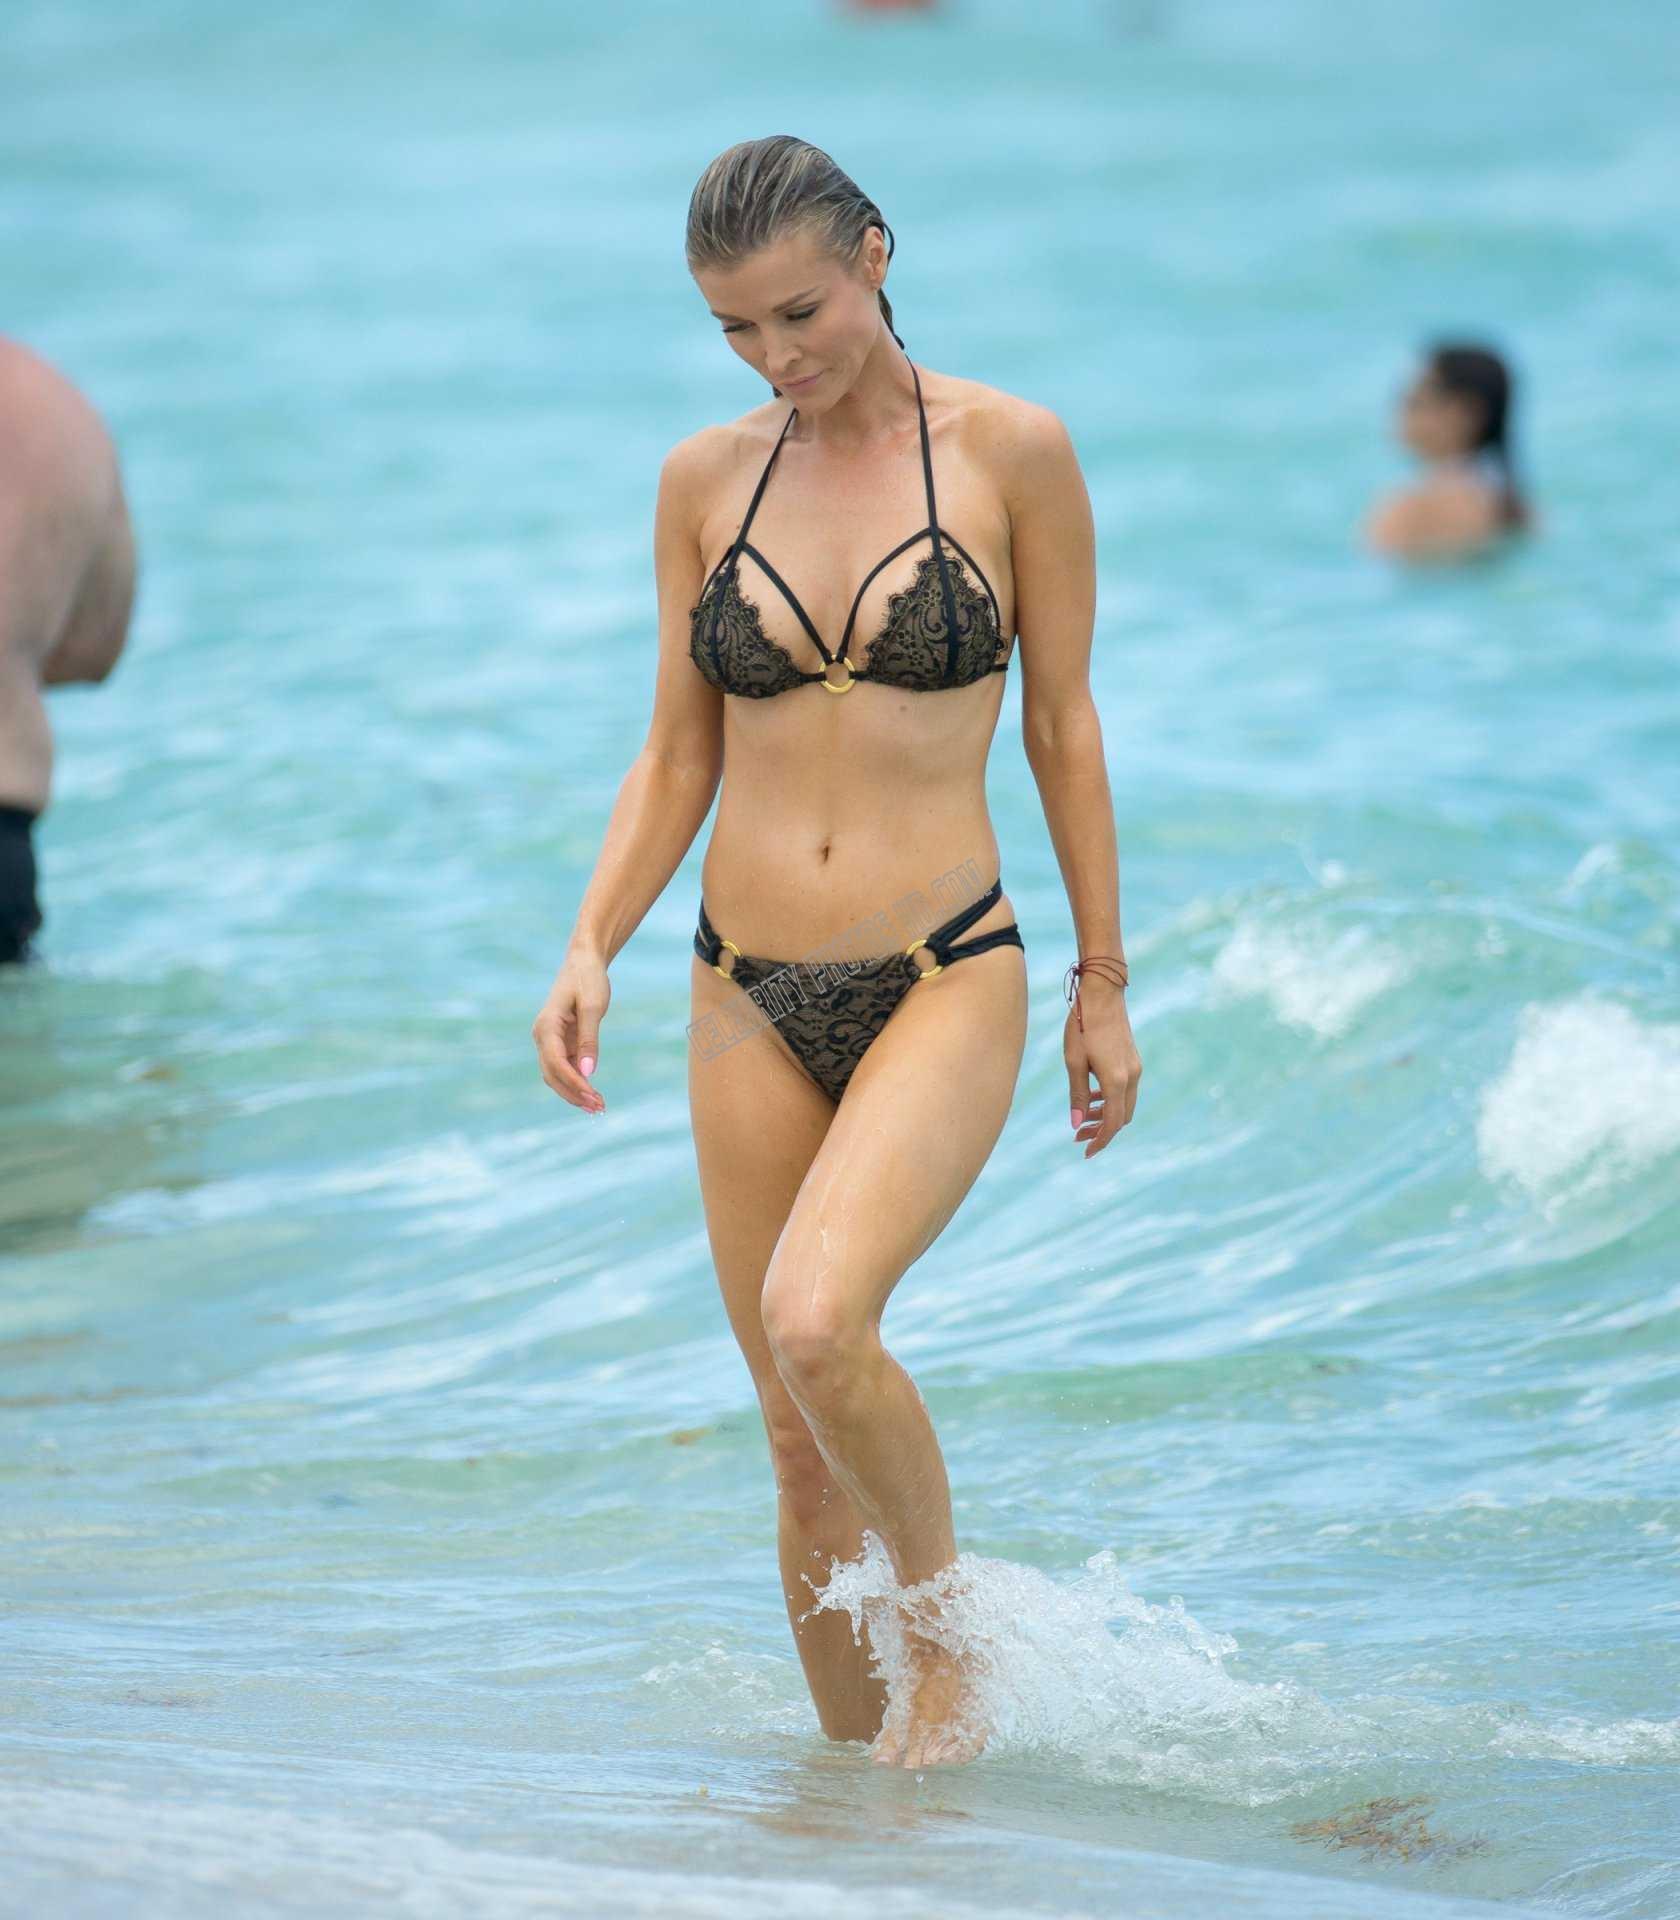 Joanna Krupa Photos (5)